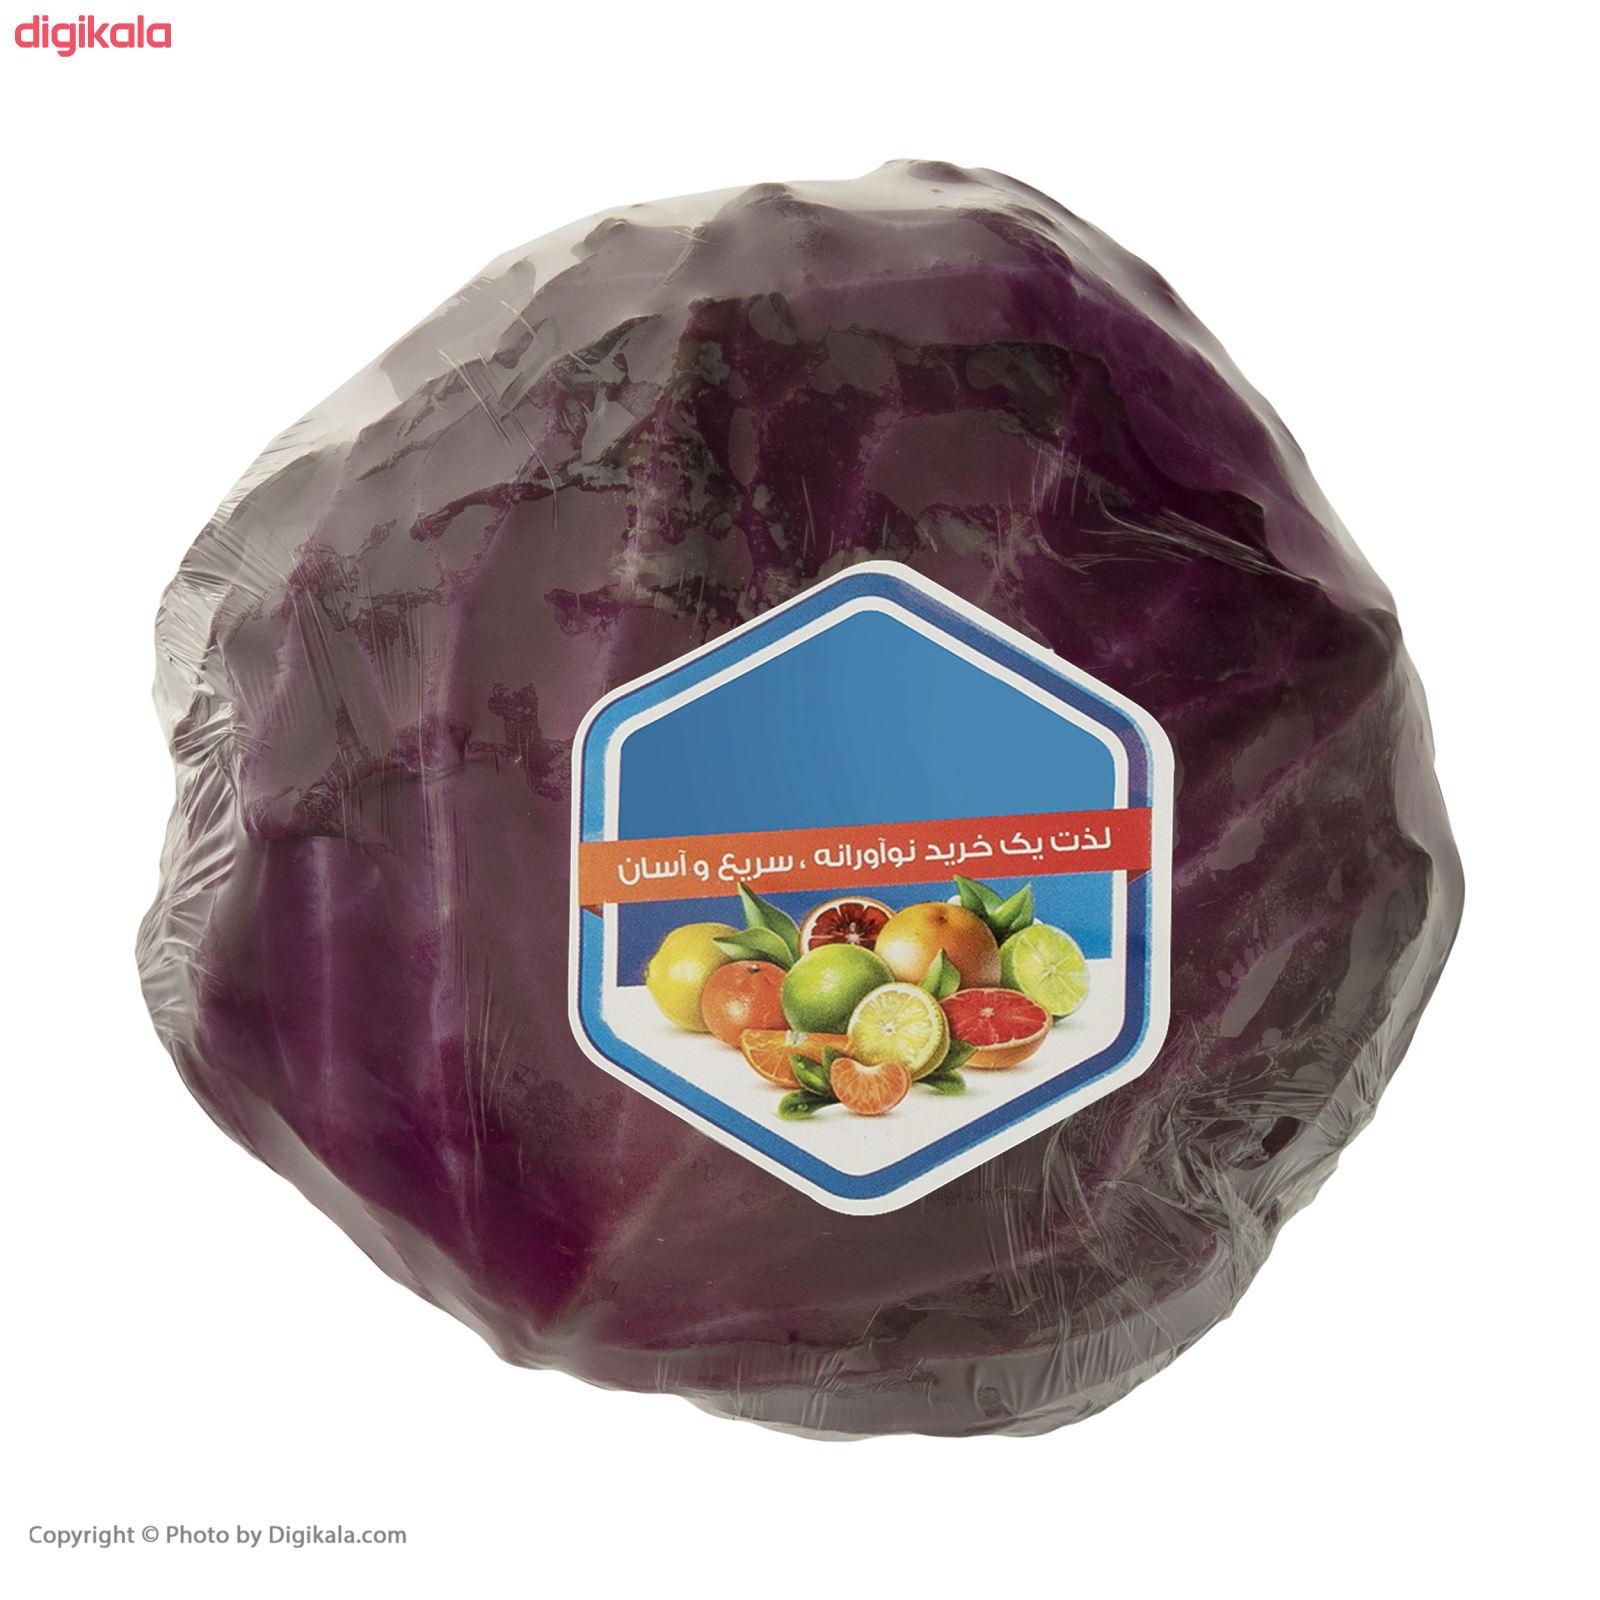 کلم قرمز میوه پلاس - 750 گرم main 1 2